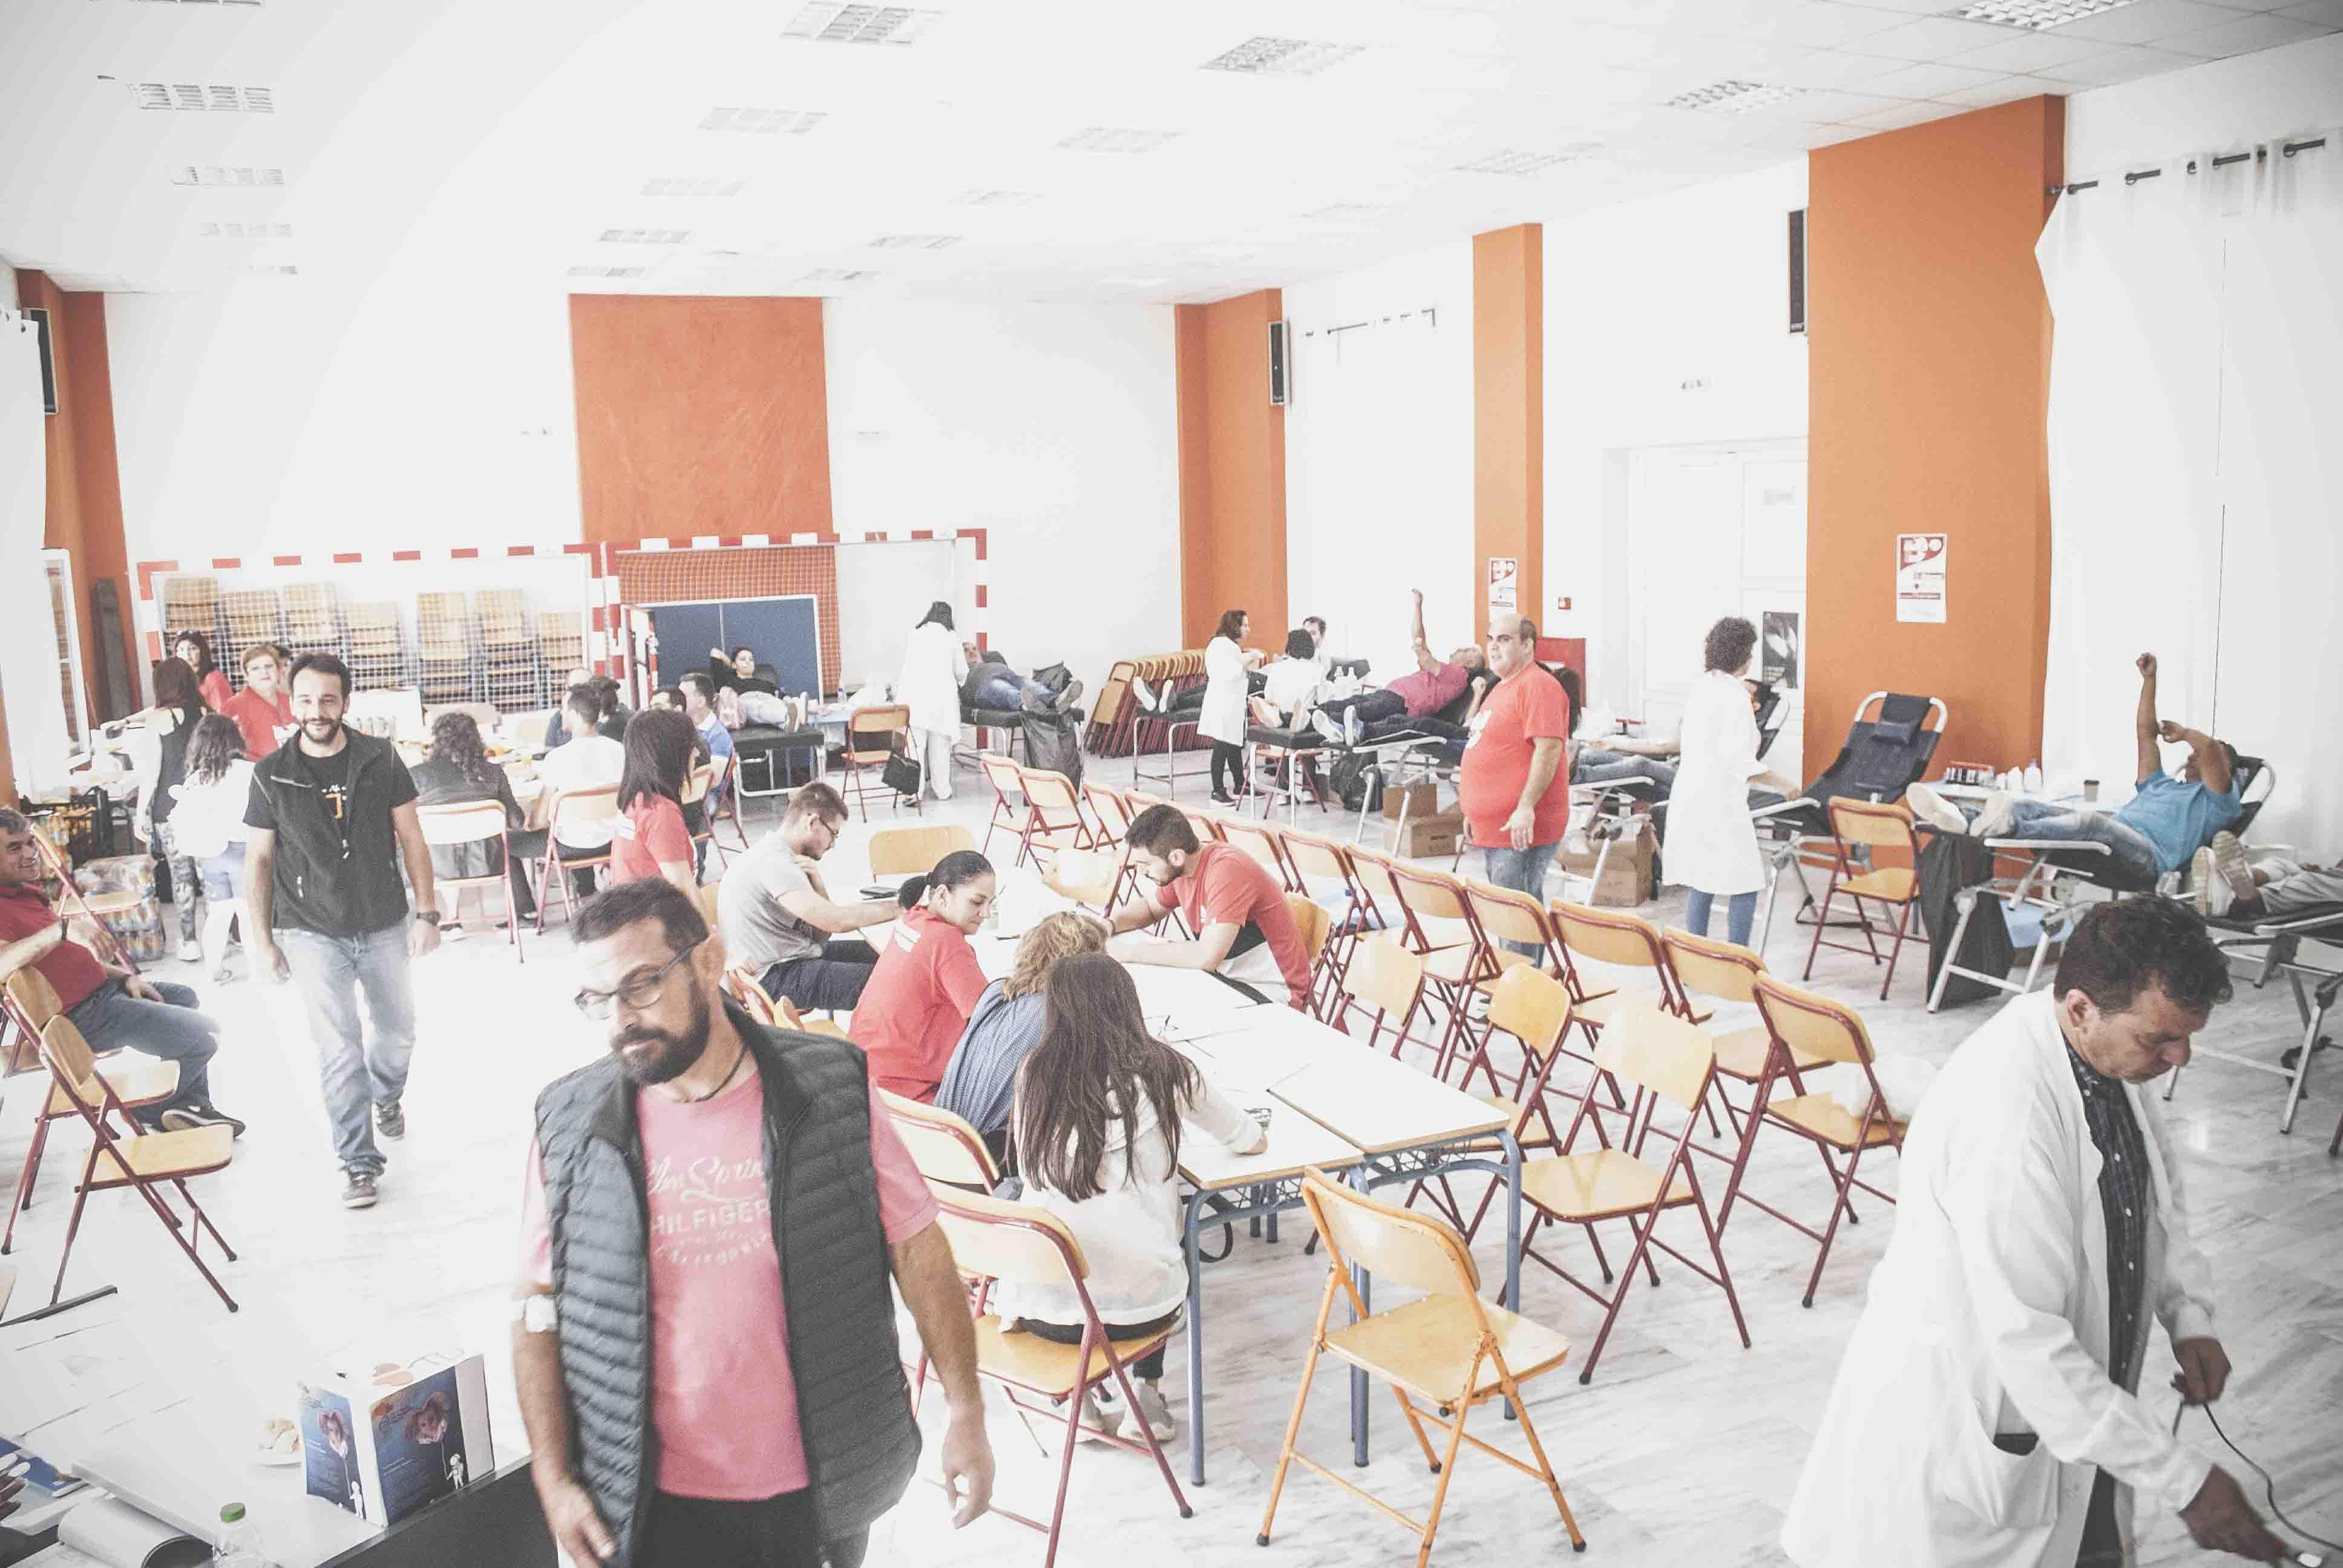 Πραγματοποιήθηκε η αιμοδοσία στον Δήμο Διρφύων Μεσσαπίων DSC 0164